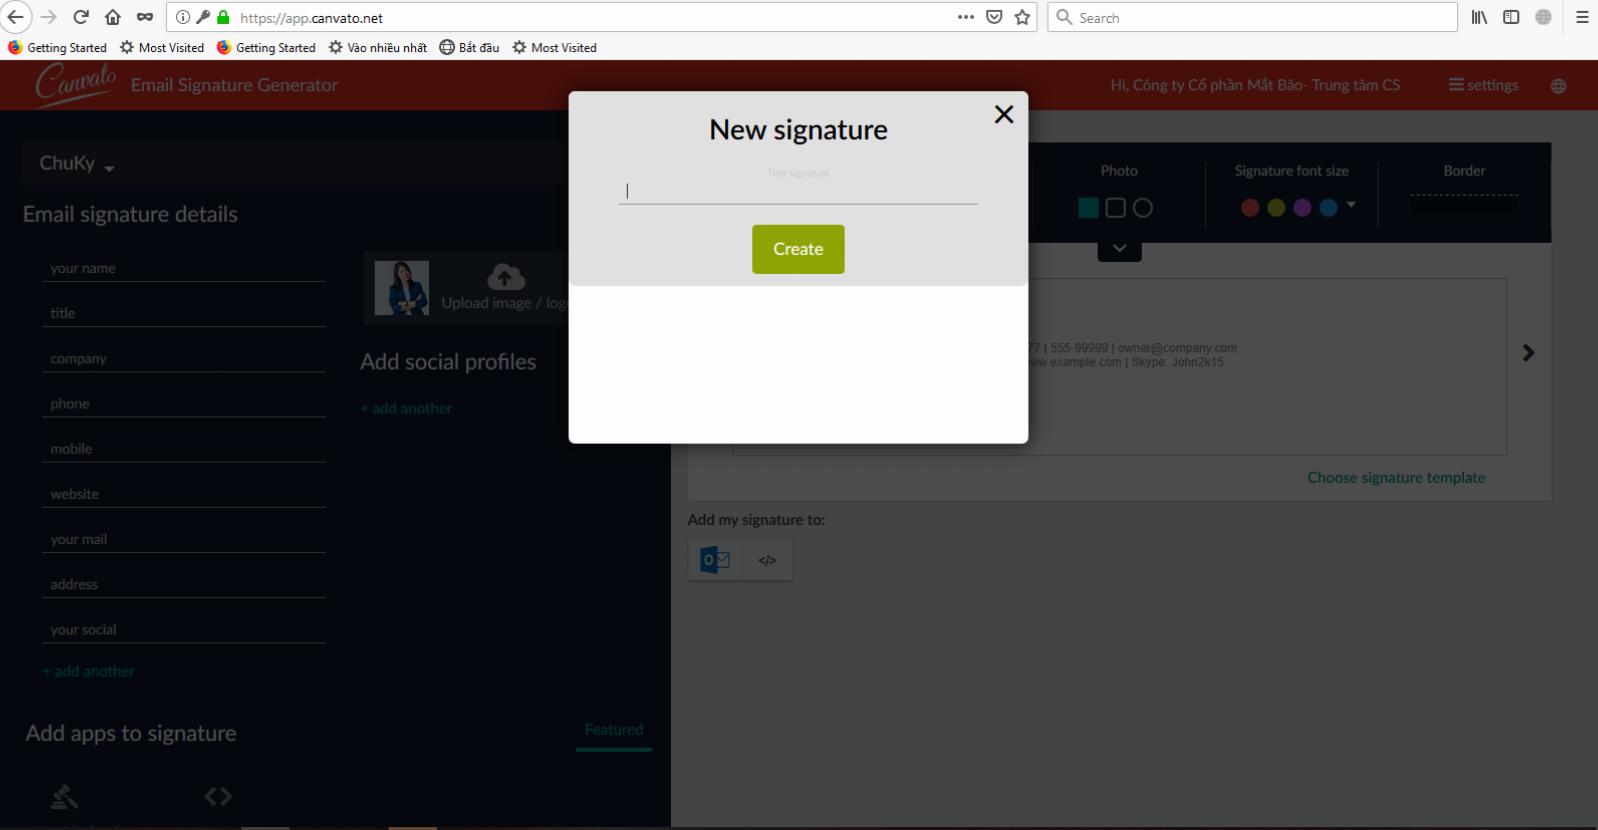 Đặt tên cho nội dung chữ ký cần tạo ra